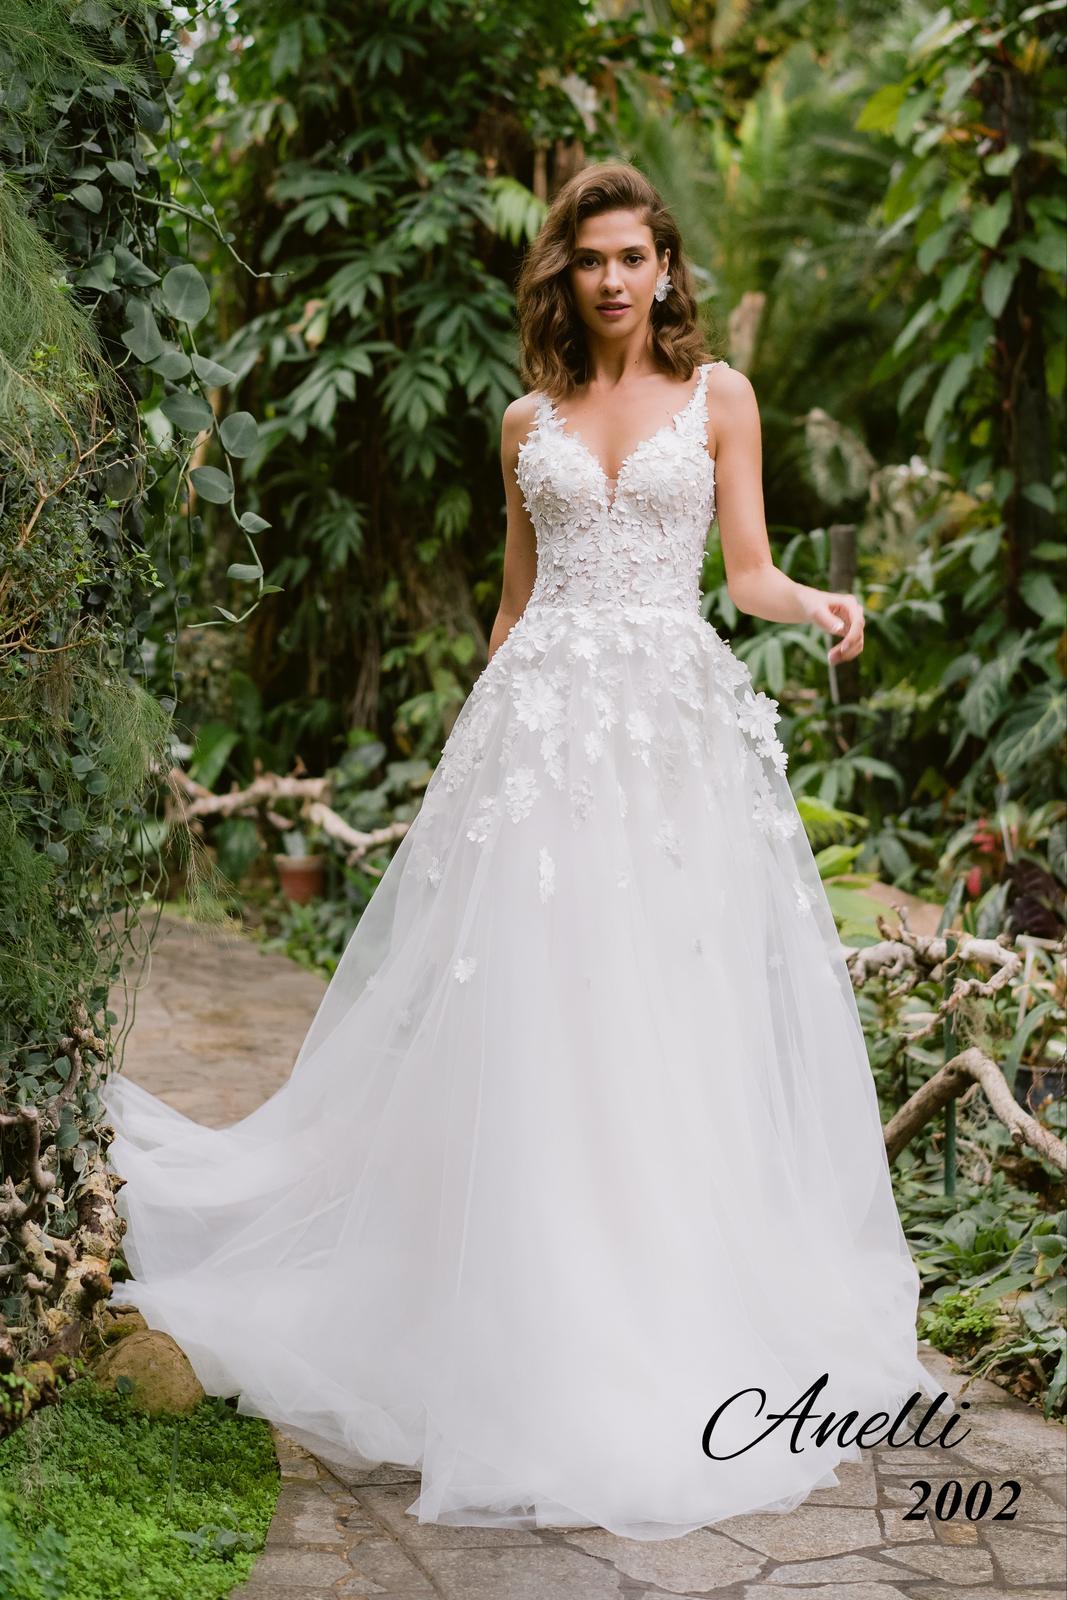 Svadobné šaty - Breeze 2002 - Obrázok č. 2